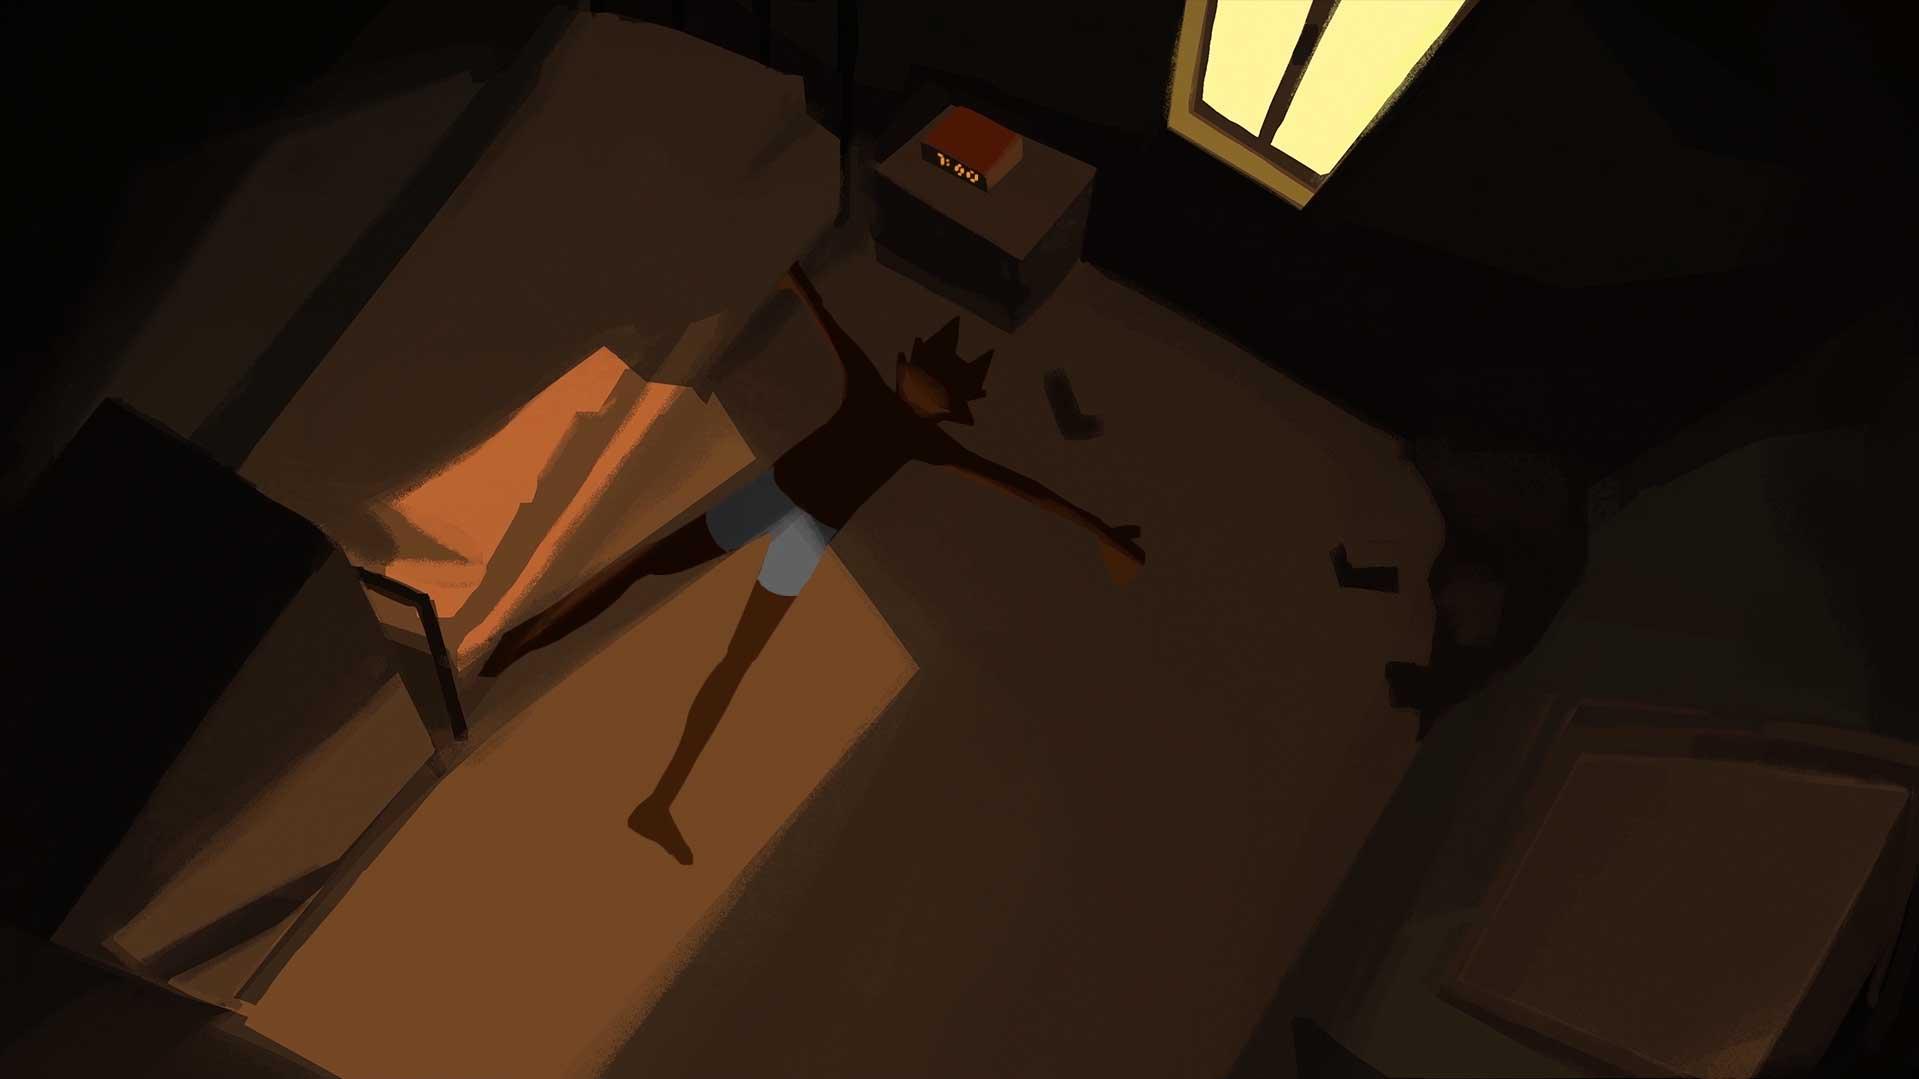 Animacija_KoljaSaksida_Dup2_MihaReja_ZaZaprtimiRoletami_Still_05